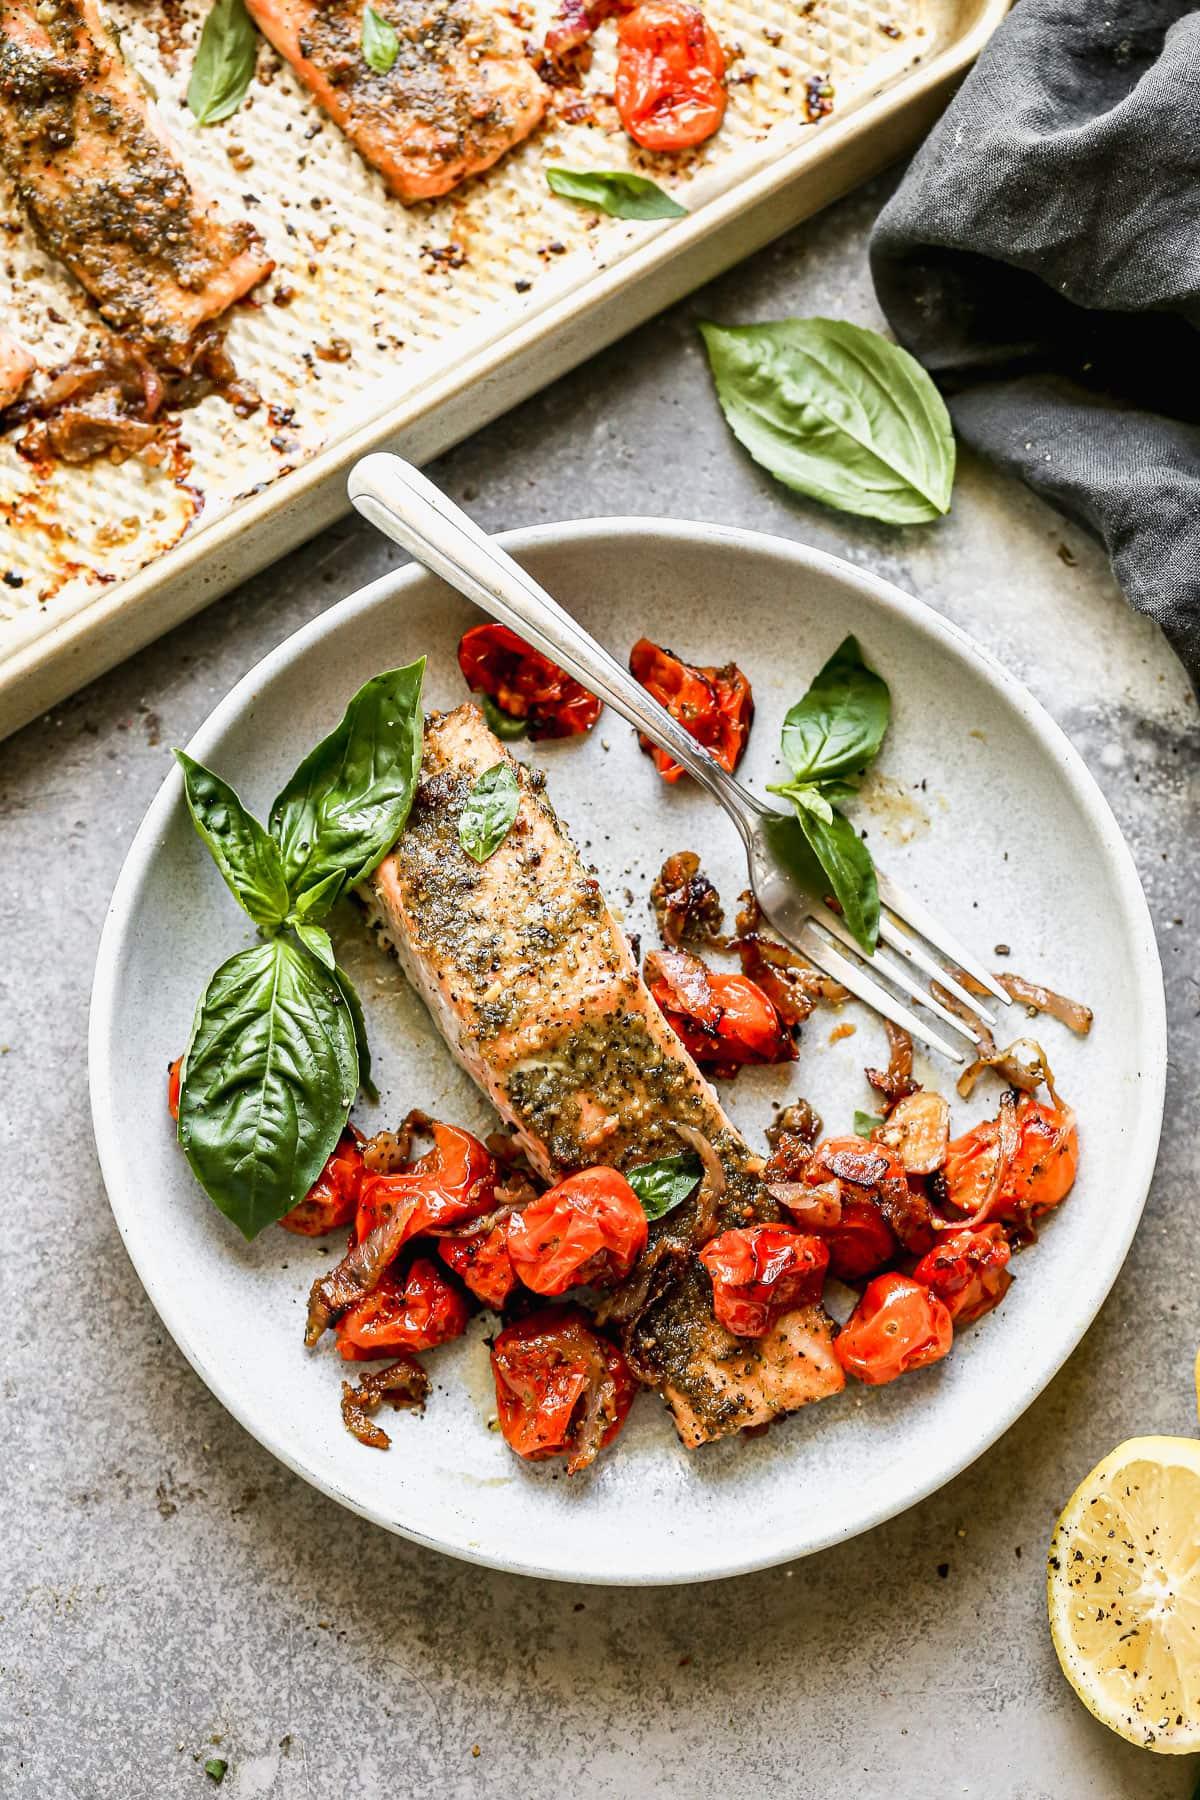 Salmón con pesto, tomate y albahaca en un plato